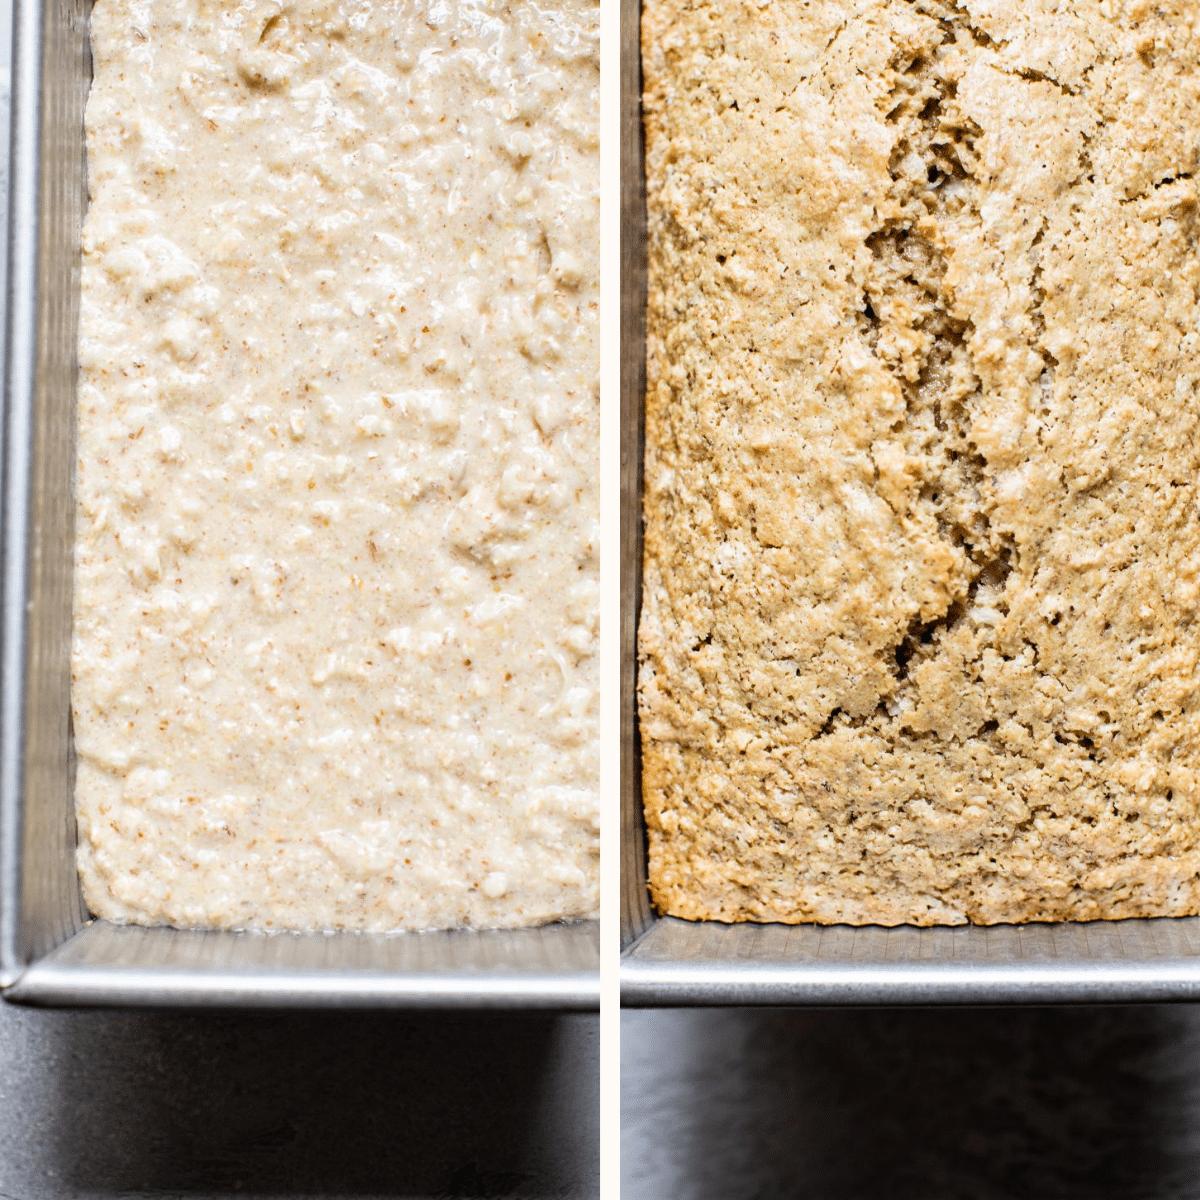 bread in a bread pan